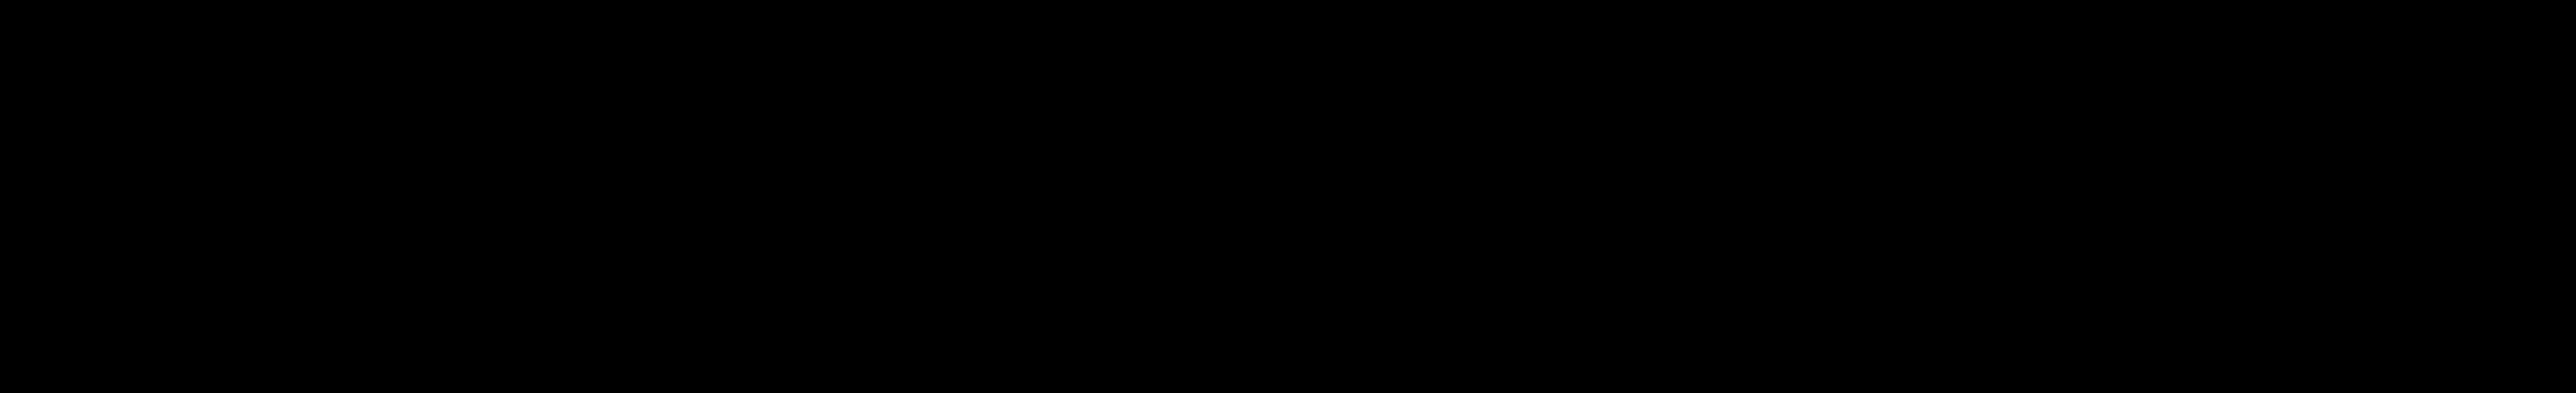 Header_Logo.1